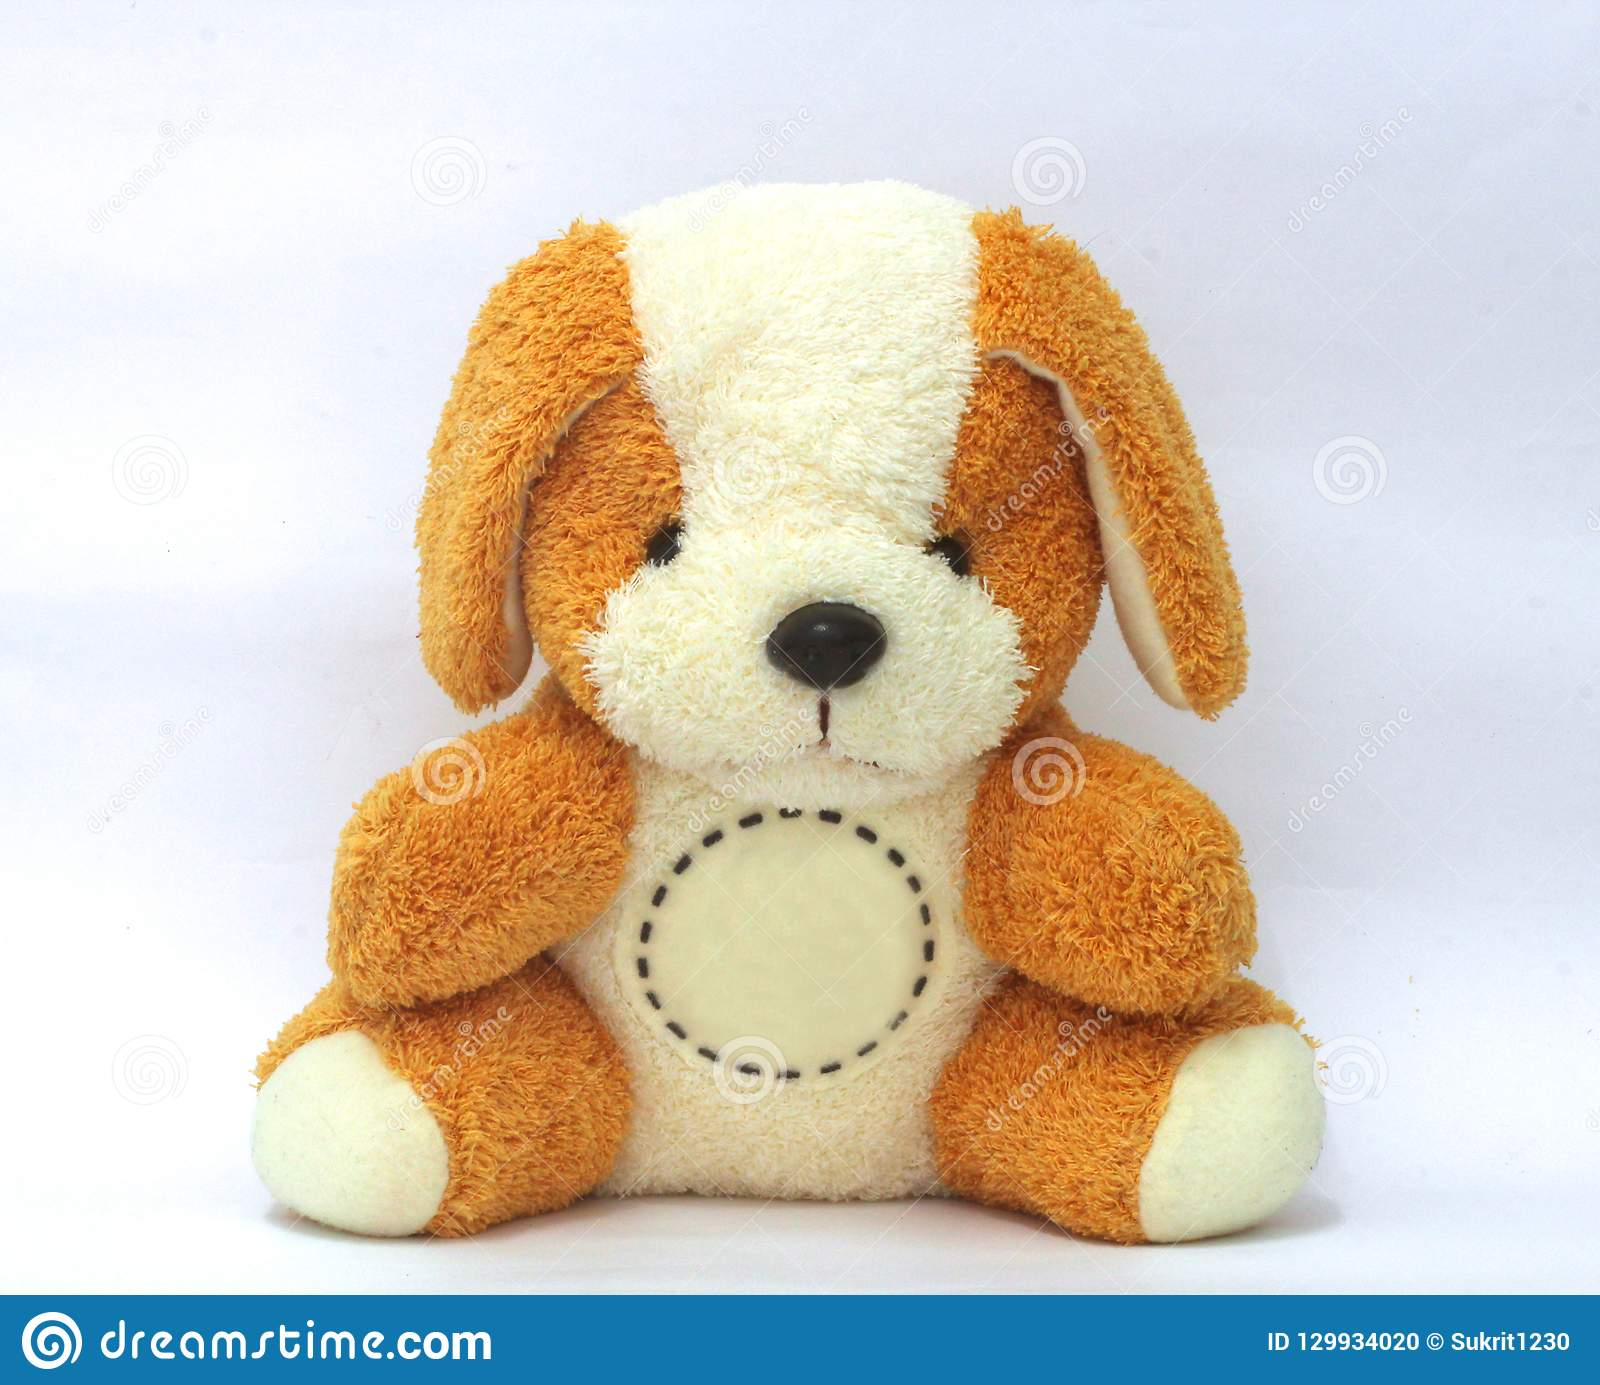 De teddybeer is bruin en wit, leuk en recht met een cirkel voor het bericht